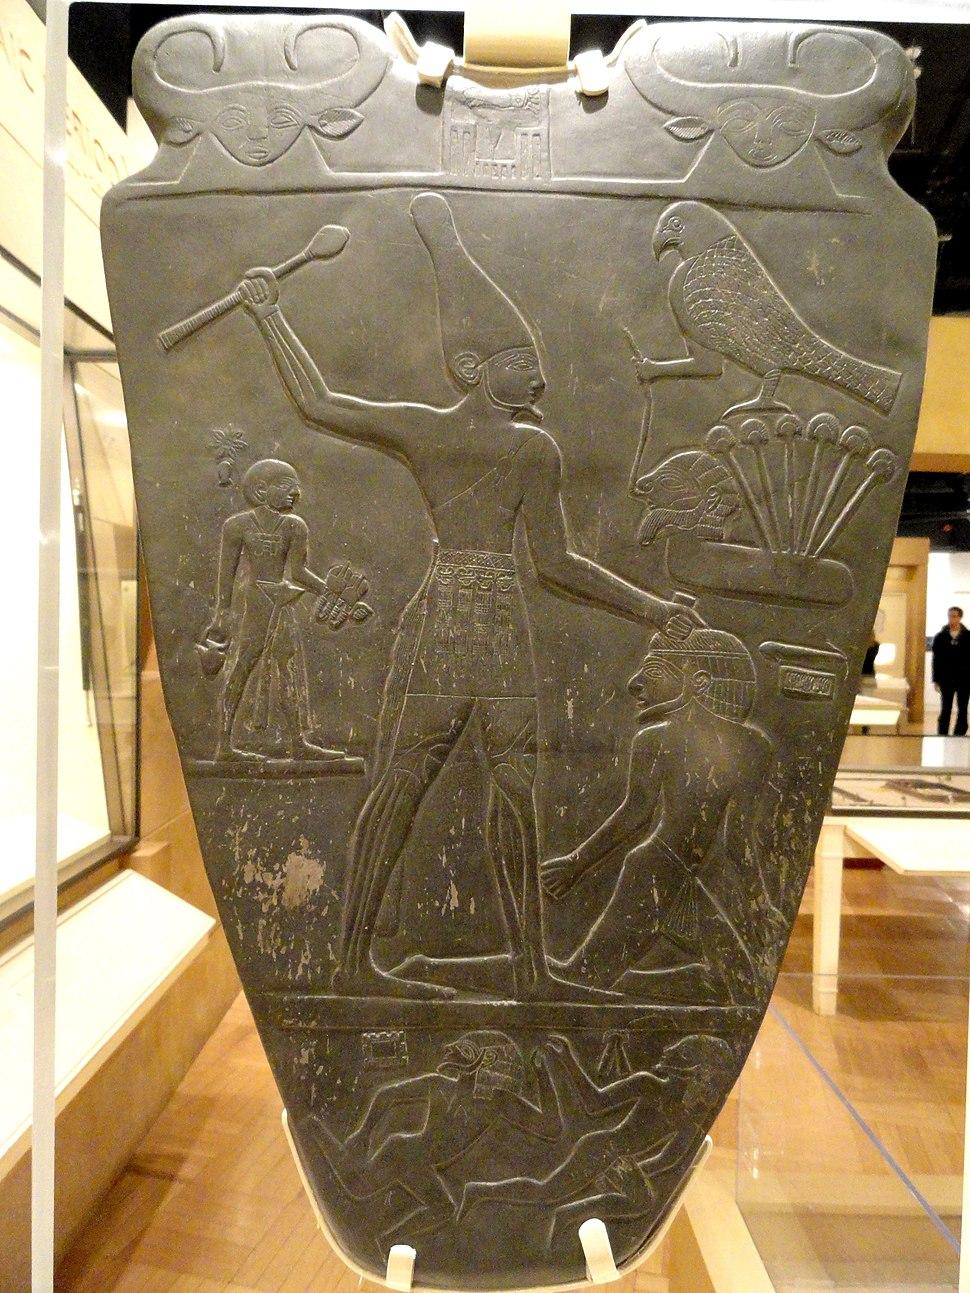 Narmer Palette, Egypt, c. 3100 BC - Royal Ontario Museum - DSC09726.JPG